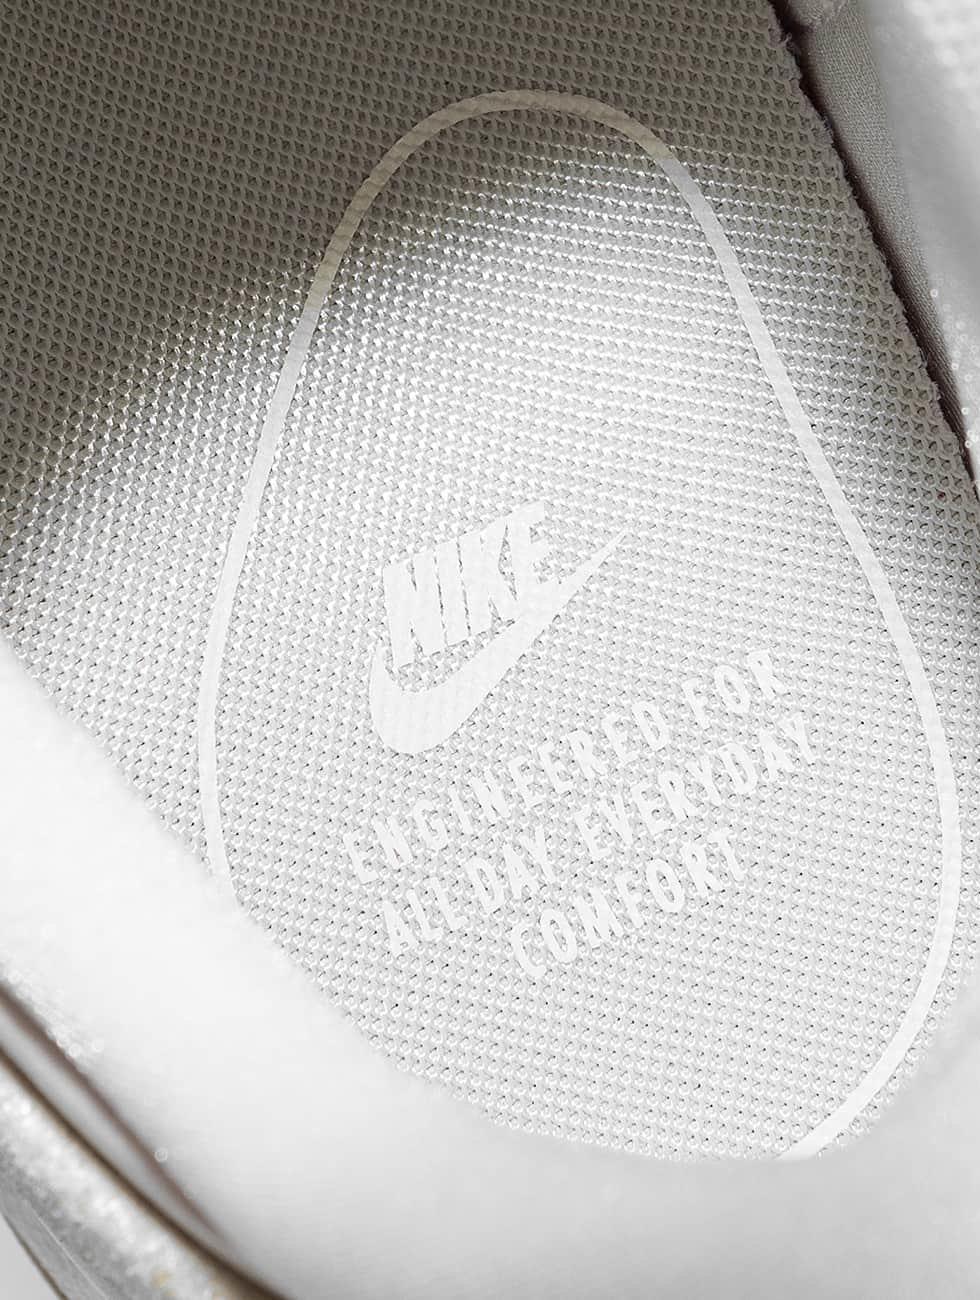 Nike Cuir Schoen / Baskets Jewell Dans L'esprit 413360 Acheter Pas Cher En France SW6KxUXwAP